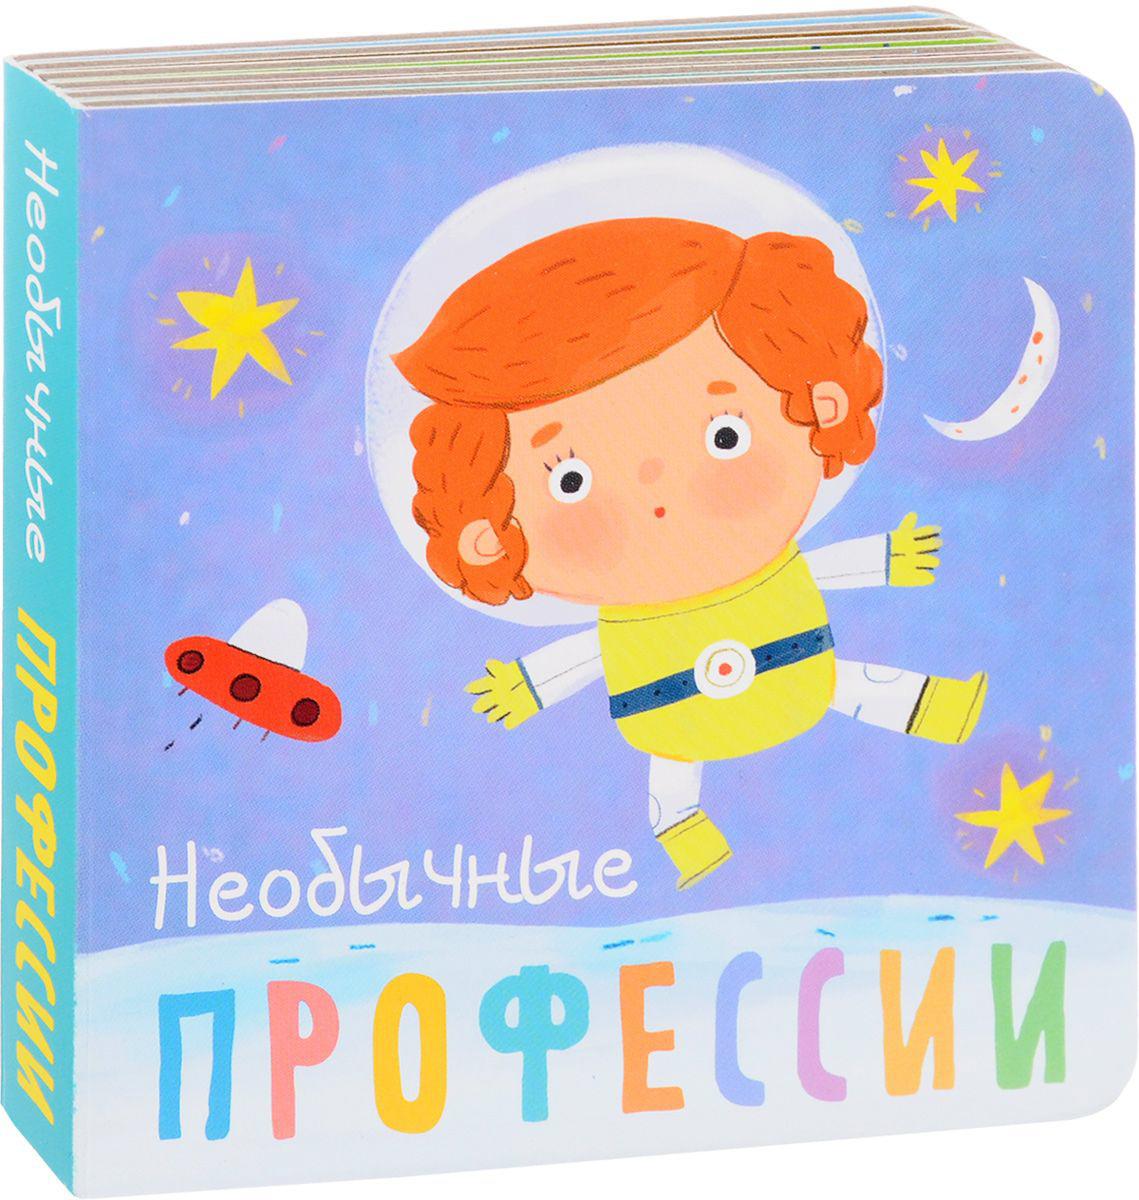 Профессии - Необычные профессииОбучающие книги. Книги с картинками<br>Профессии - Необычные профессии<br>